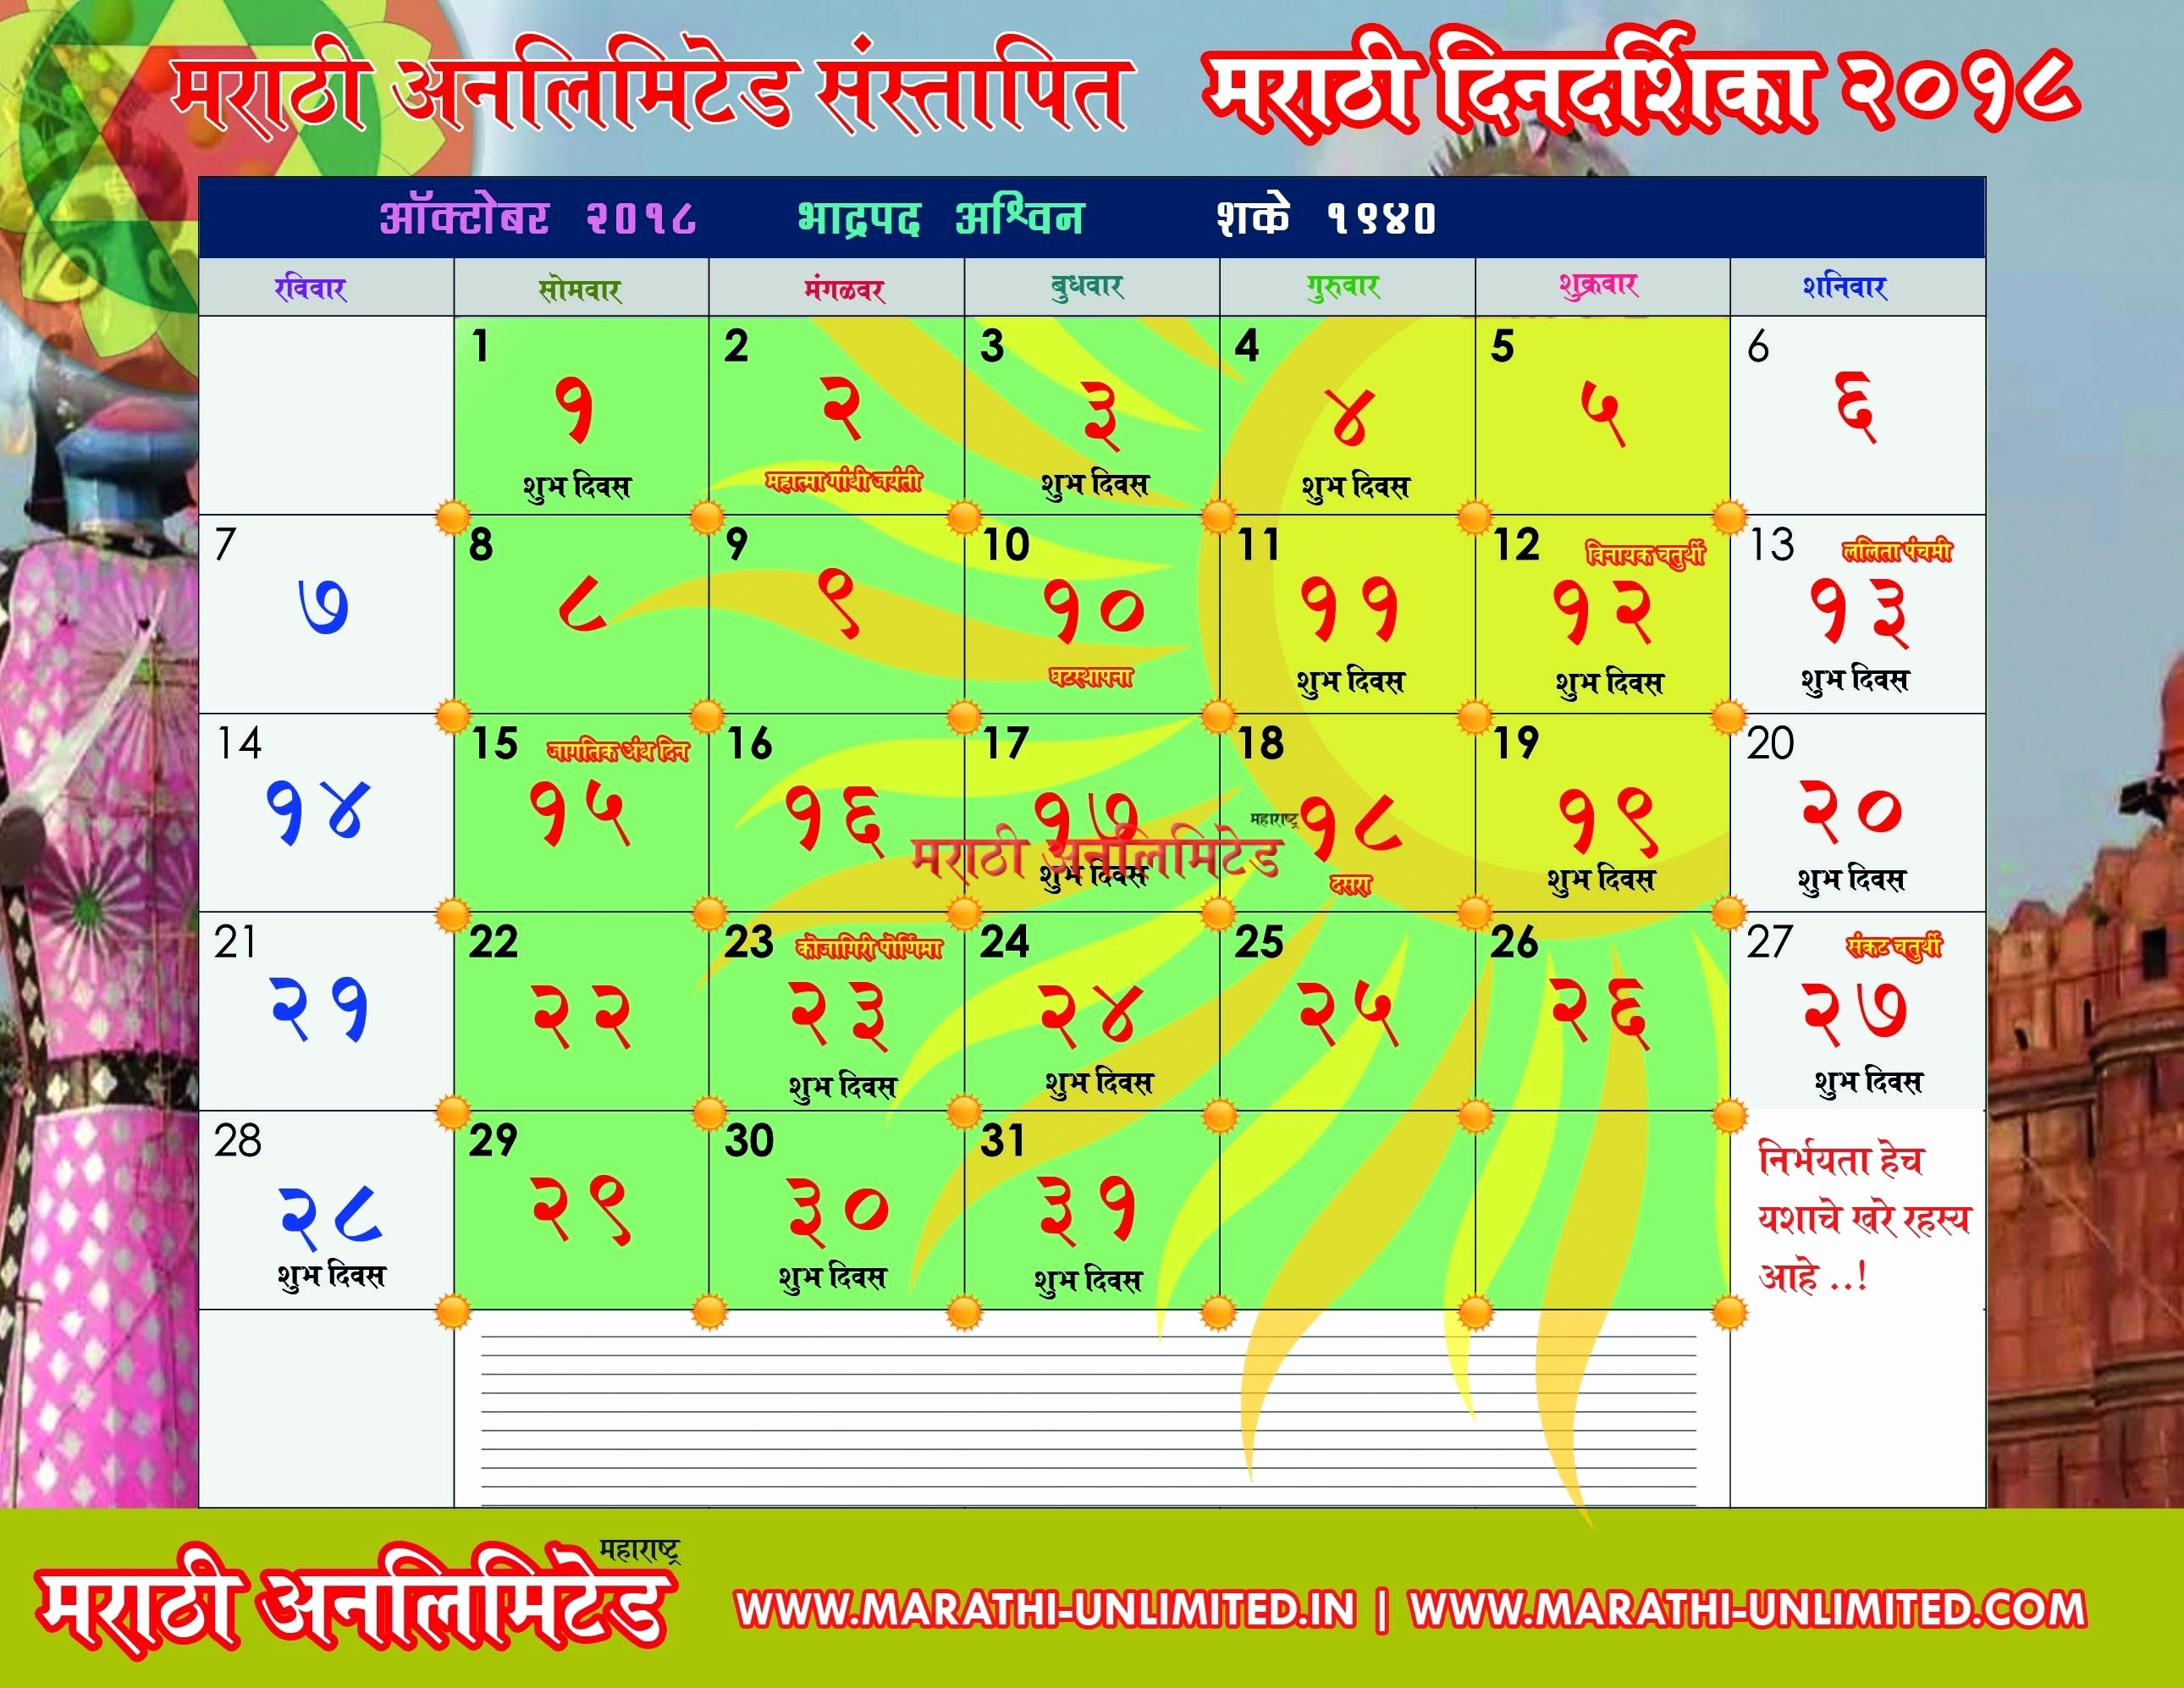 Mahalaxmi Calendar 2019 Marathi Download Más Recientemente Liberado Kalnirnay May 2018 Marathi Calendar Pdf Download Free Kalnirnay Of Mahalaxmi Calendar 2019 Marathi Download Más Recientes Calendar September Hindi 2018